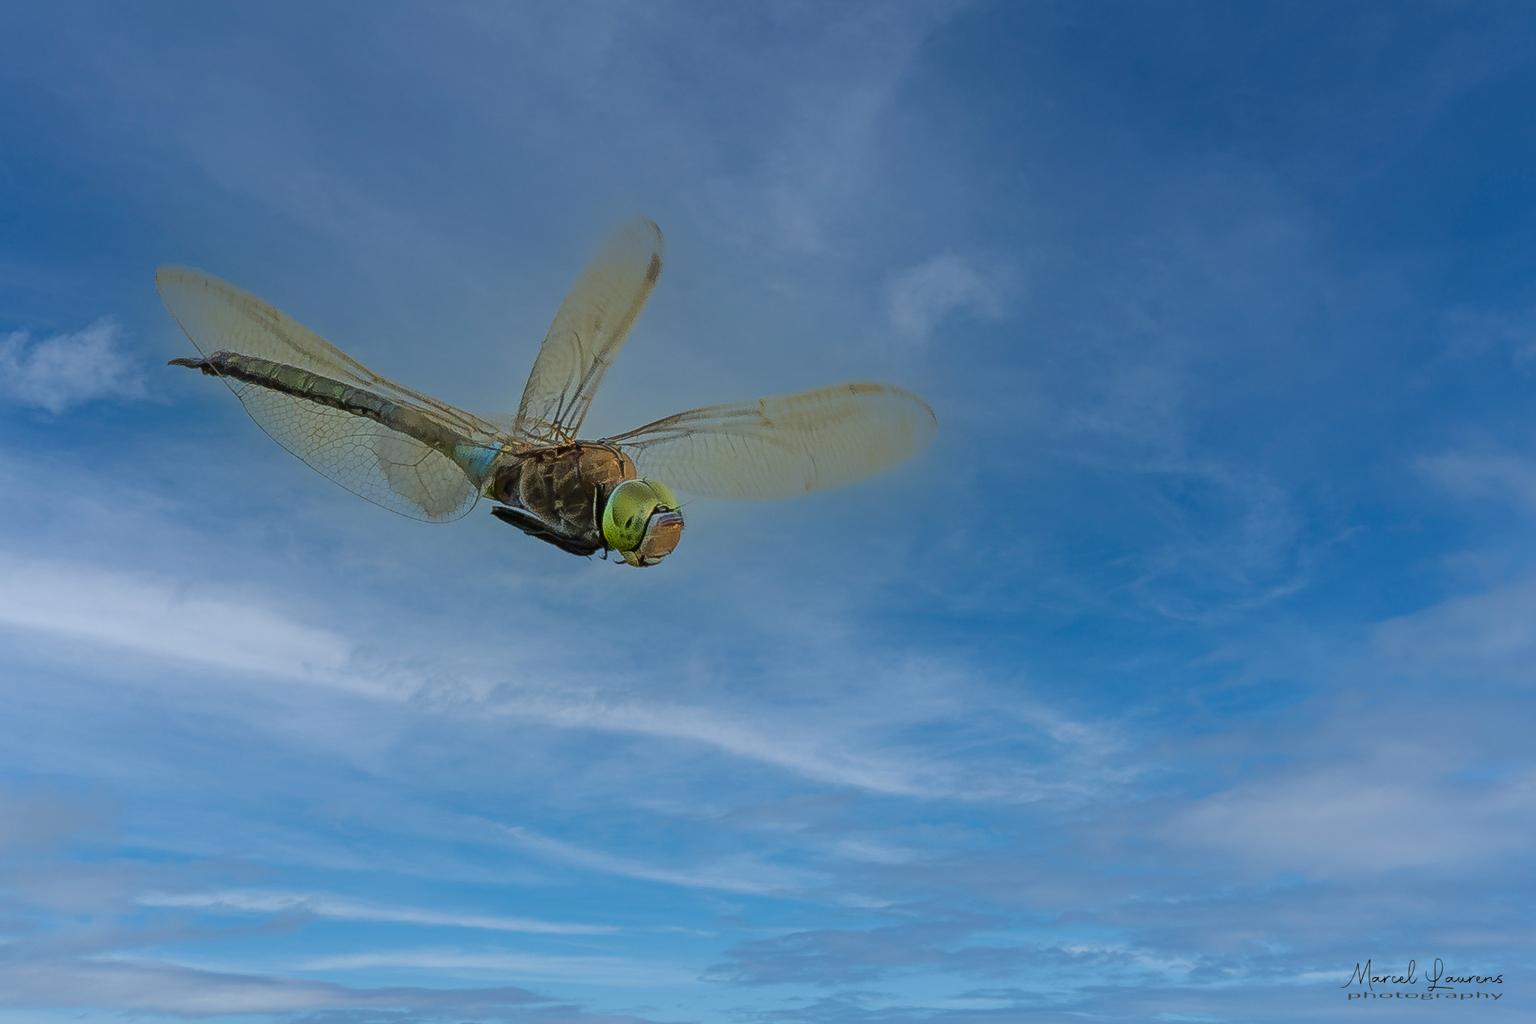 Libelle - Libelle in AWD - foto door Marcel2205 op 12-04-2021 - locatie: AWD - deze foto bevat: libelle, awd, wolk, lucht, insect, geleedpotigen, wiel, propeller, klep, libellen en damseflies, eendekker, hawker-libellen